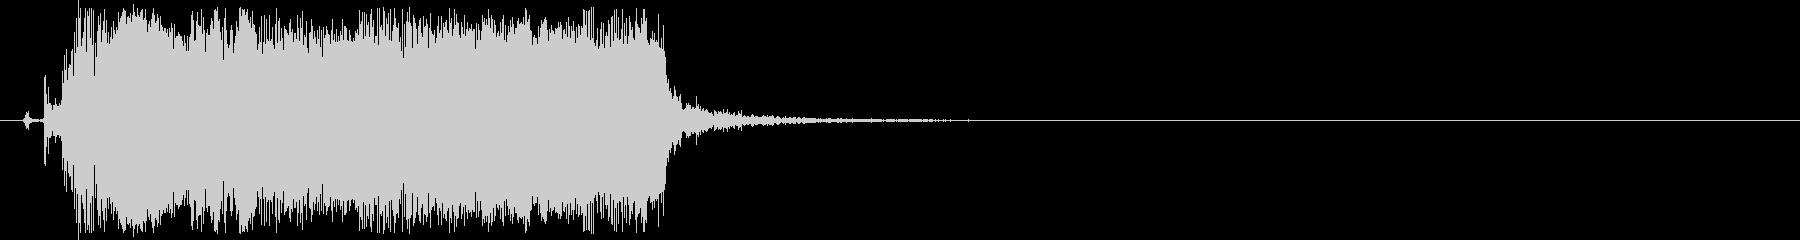 ギターフレーズ013の未再生の波形